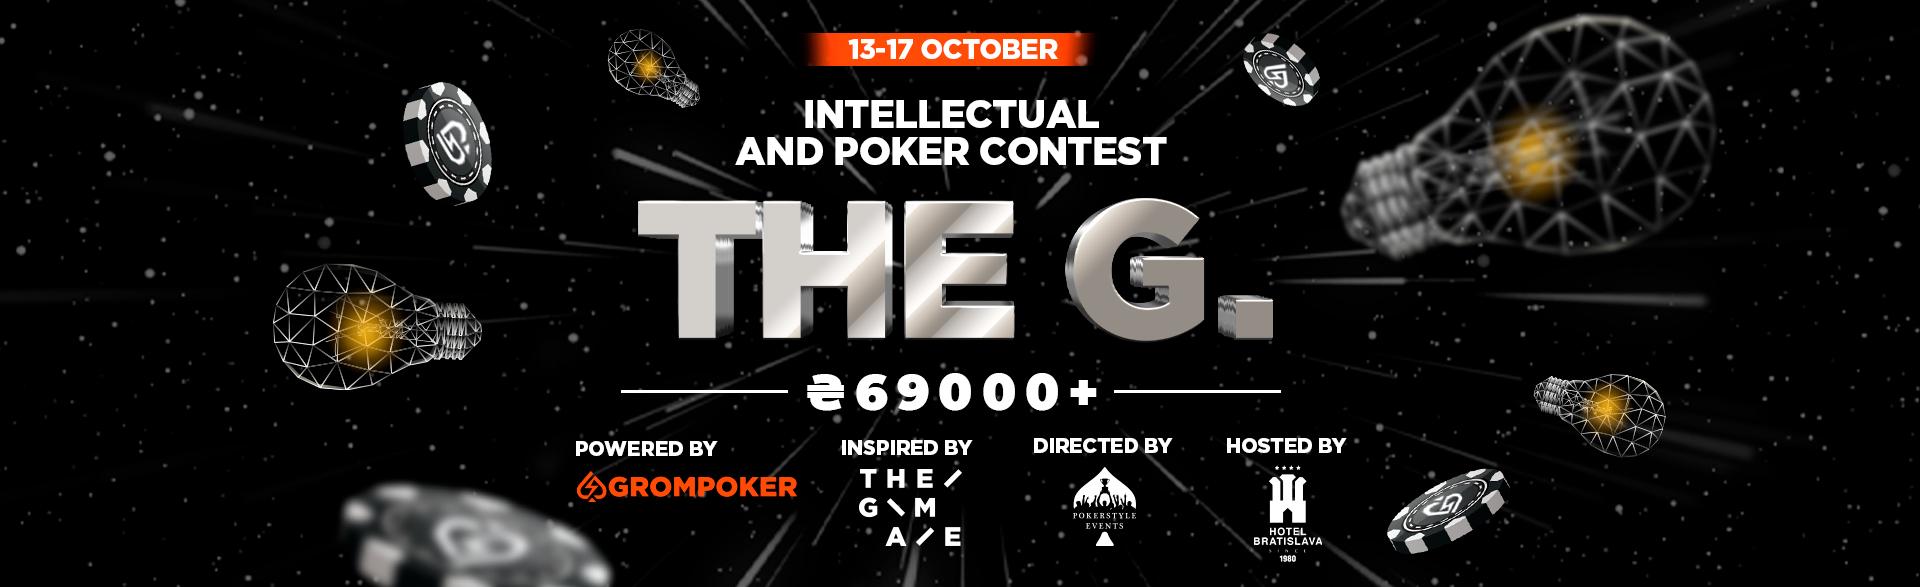 Інтелектуально-покерний турнір The G.